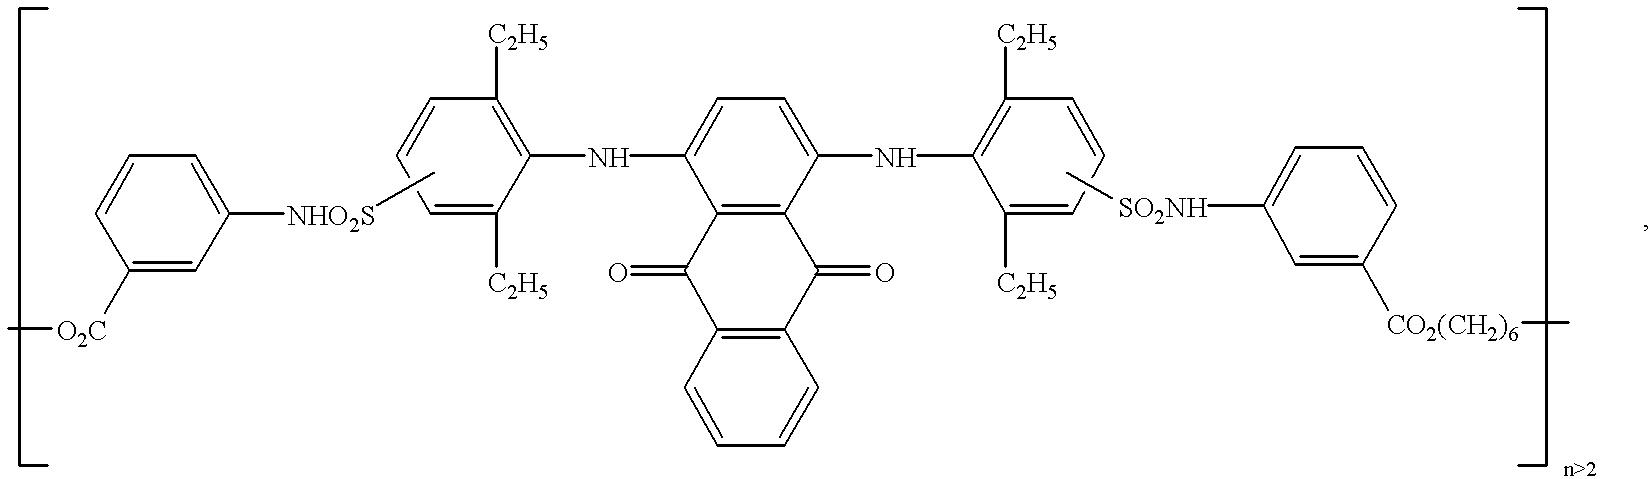 Figure US06197223-20010306-C00047